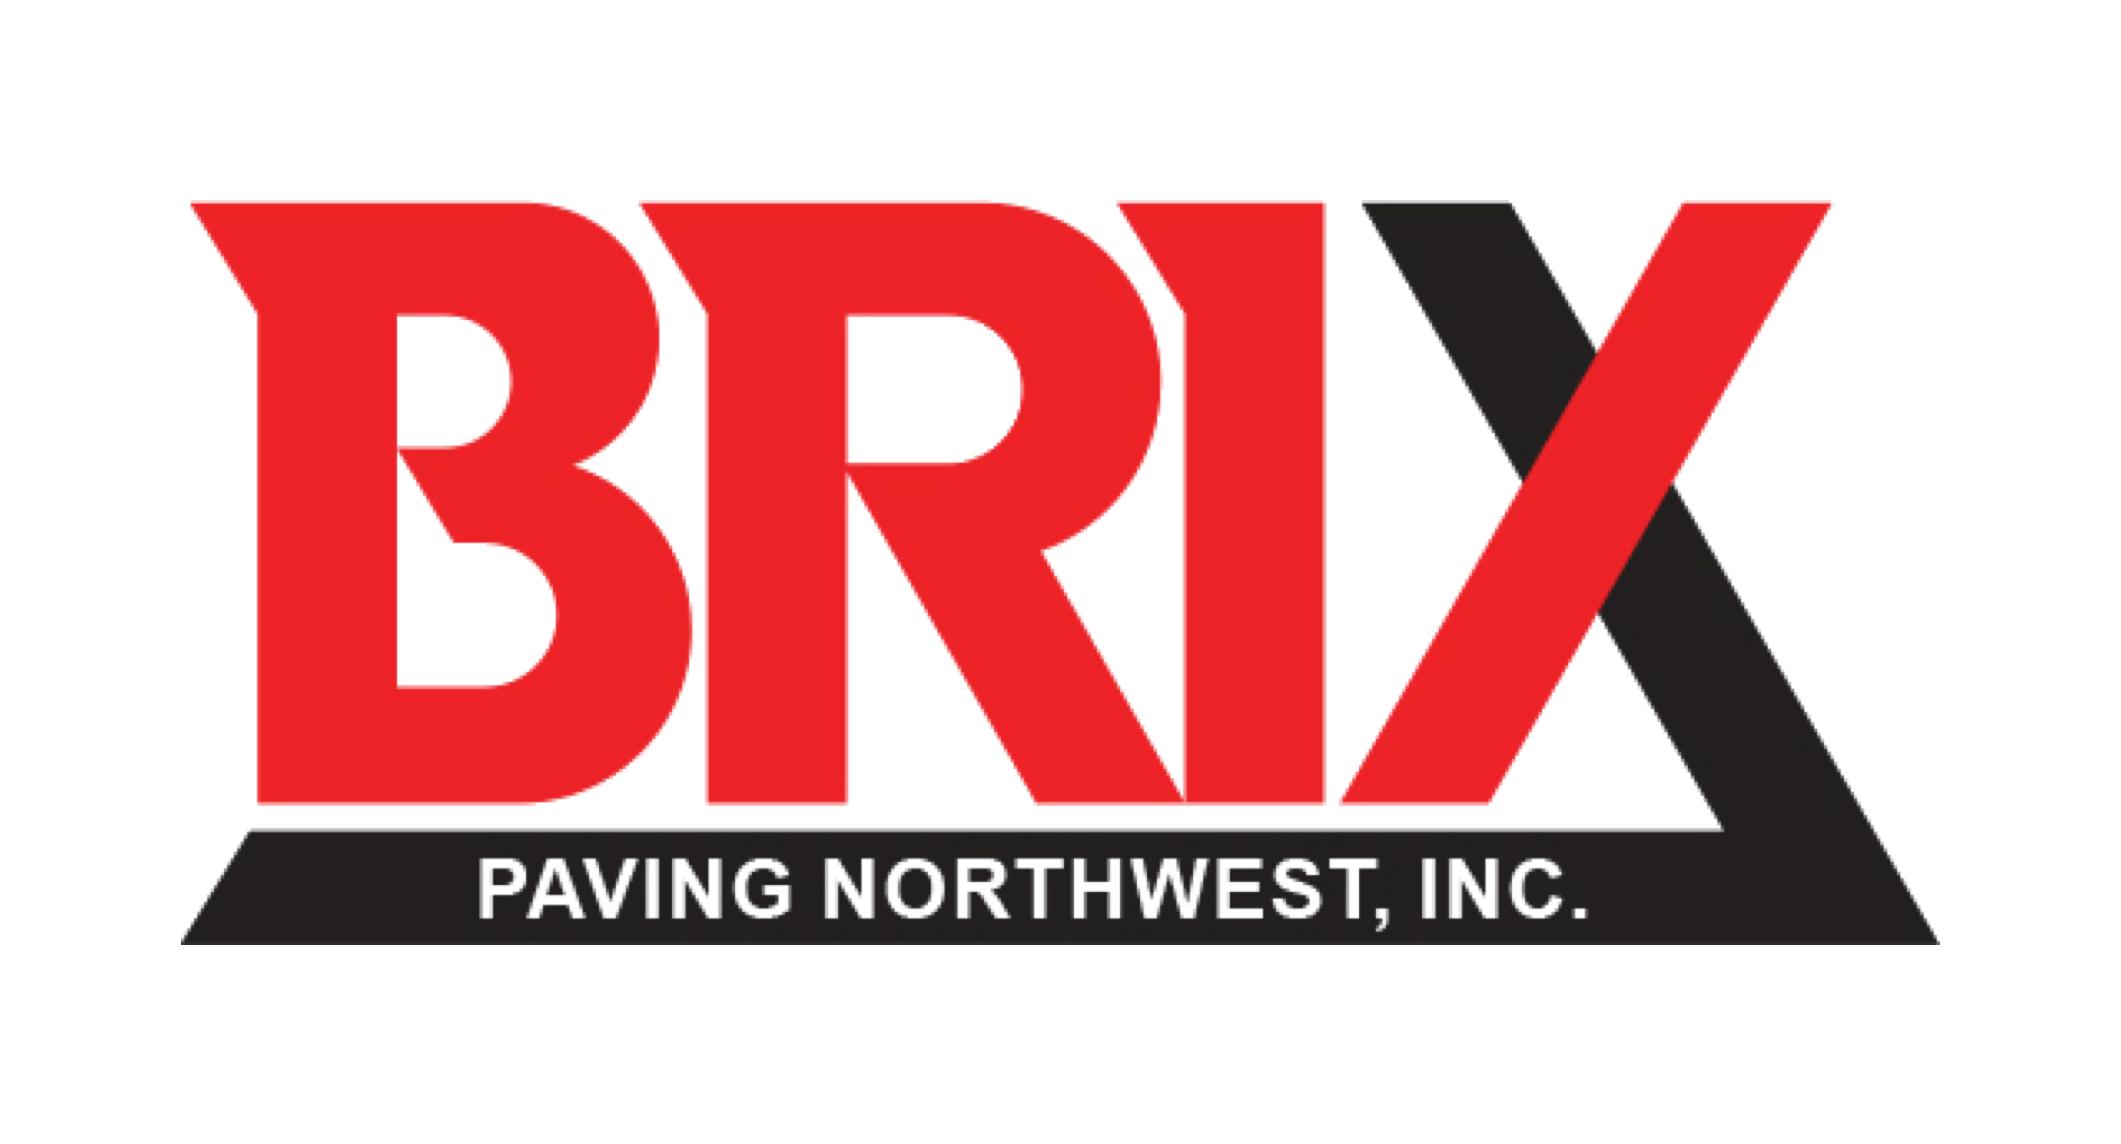 brix-logo-2.png